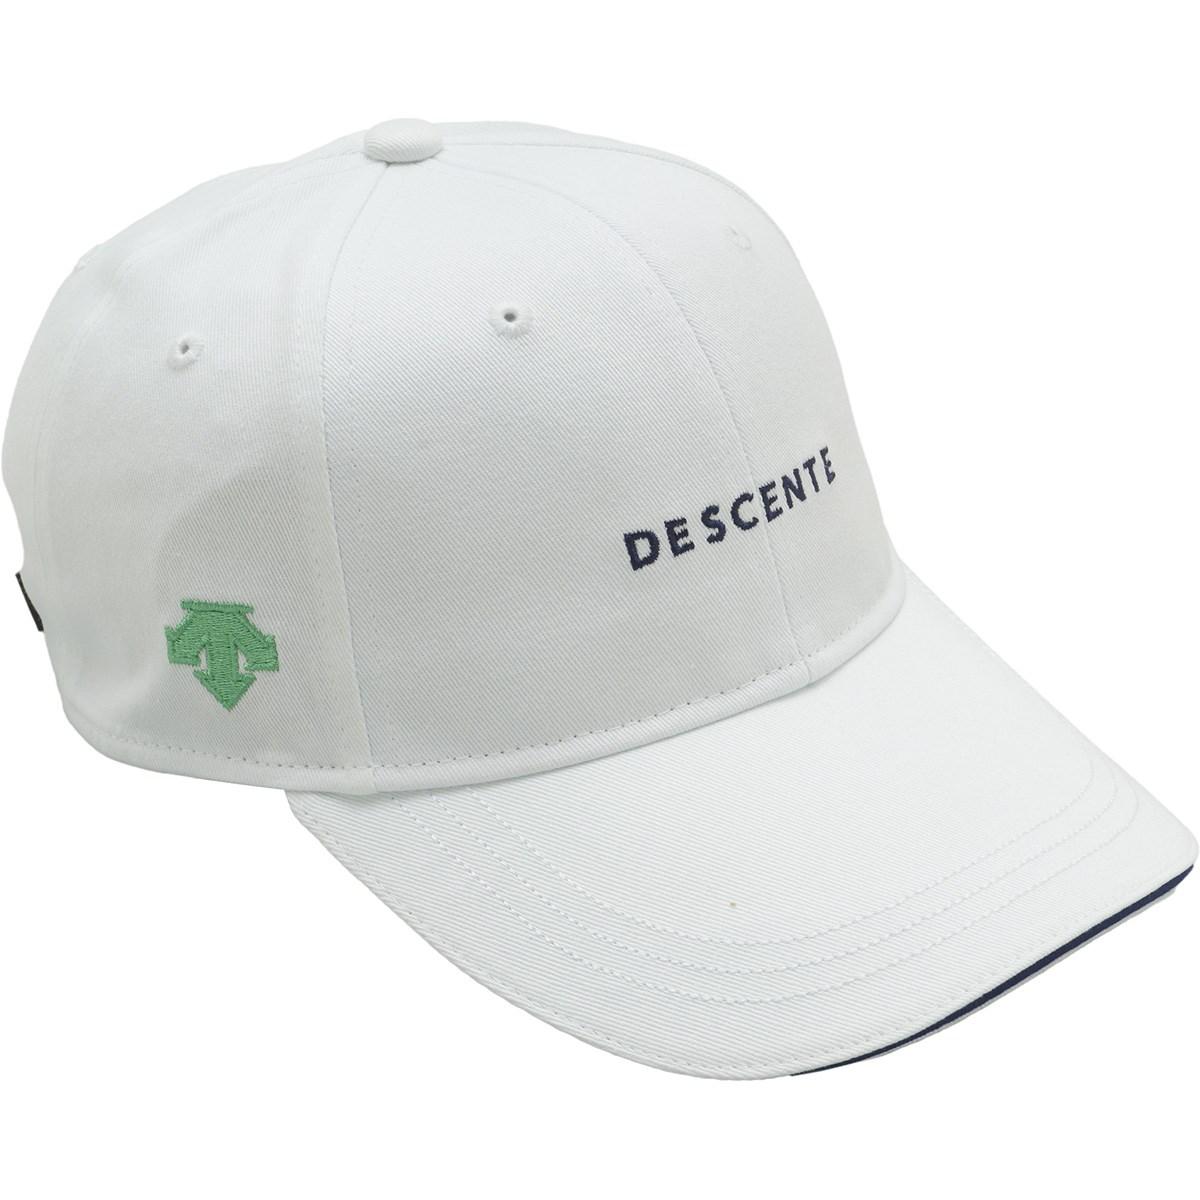 デサントゴルフ(DESCENTE GOLF) マーカー付きキャップ